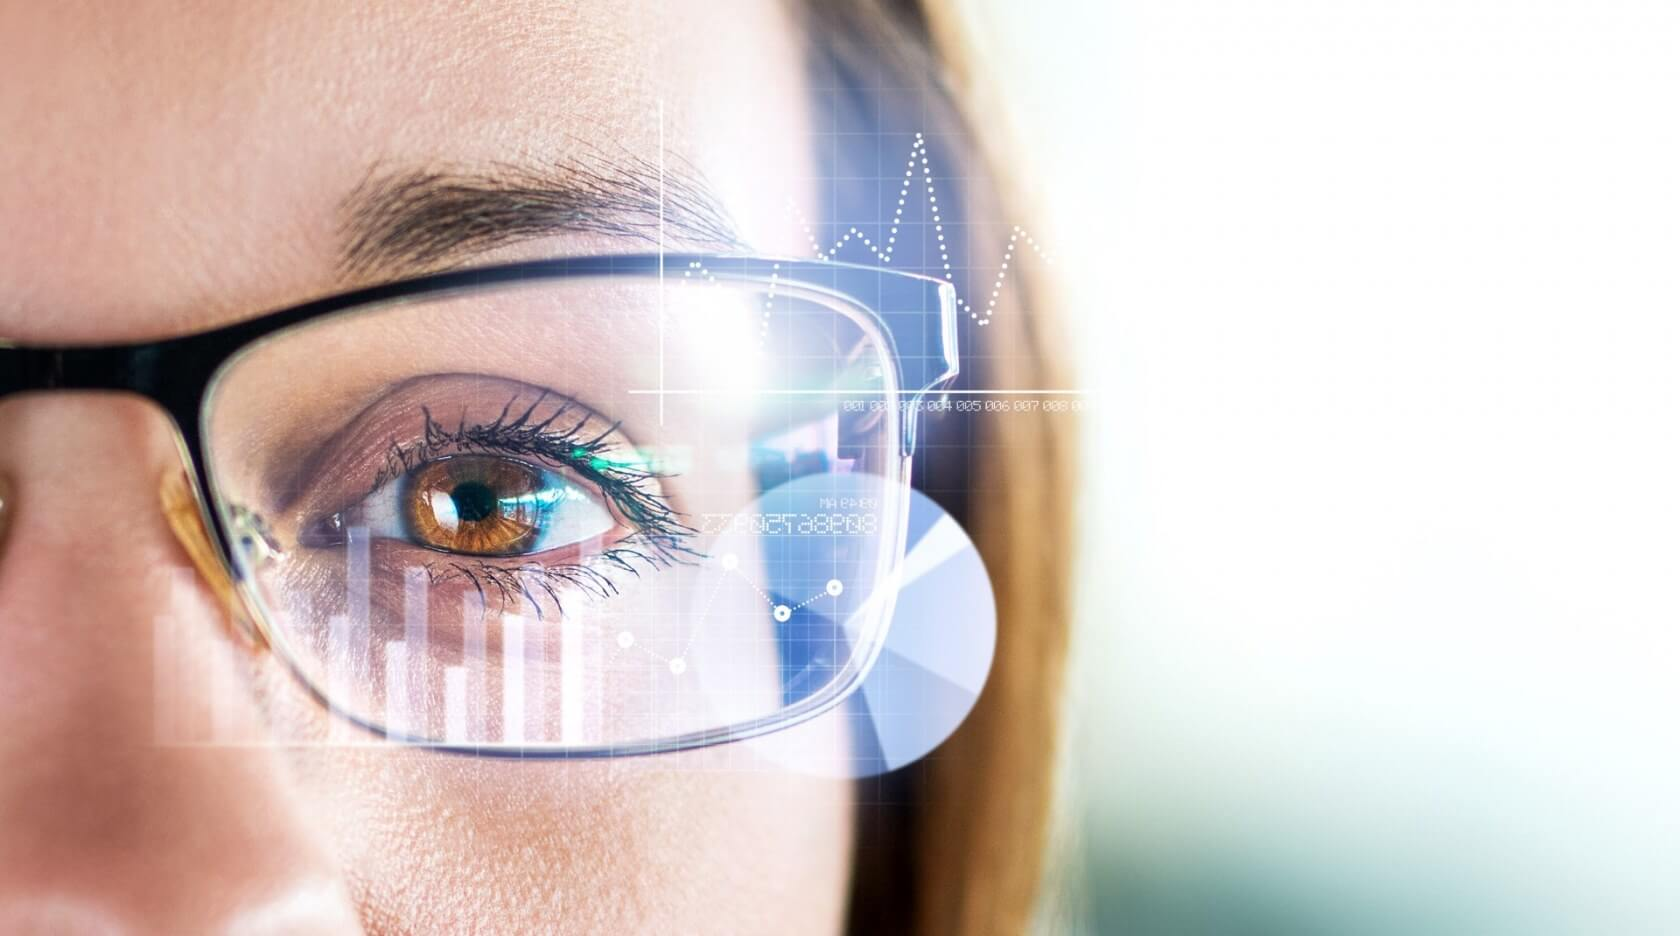 फेसबुकले बनाउँदै छ स्मार्टफोनलाई प्रतिस्थापन गर्ने चस्मा !!!